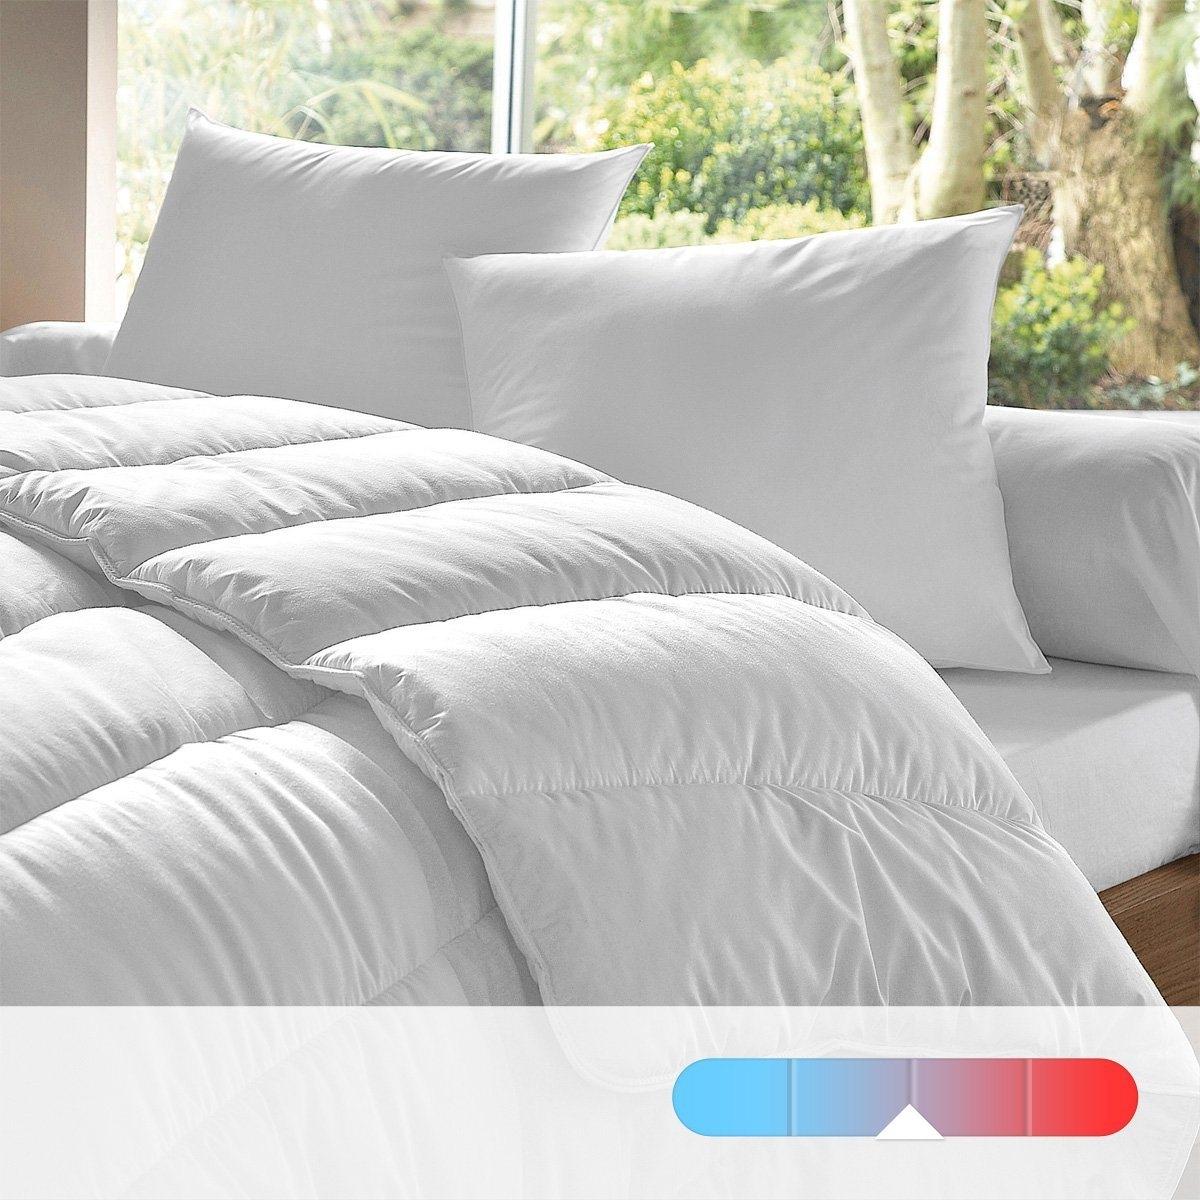 Одеяло из синтетики, 300 г/м² от La Redoute